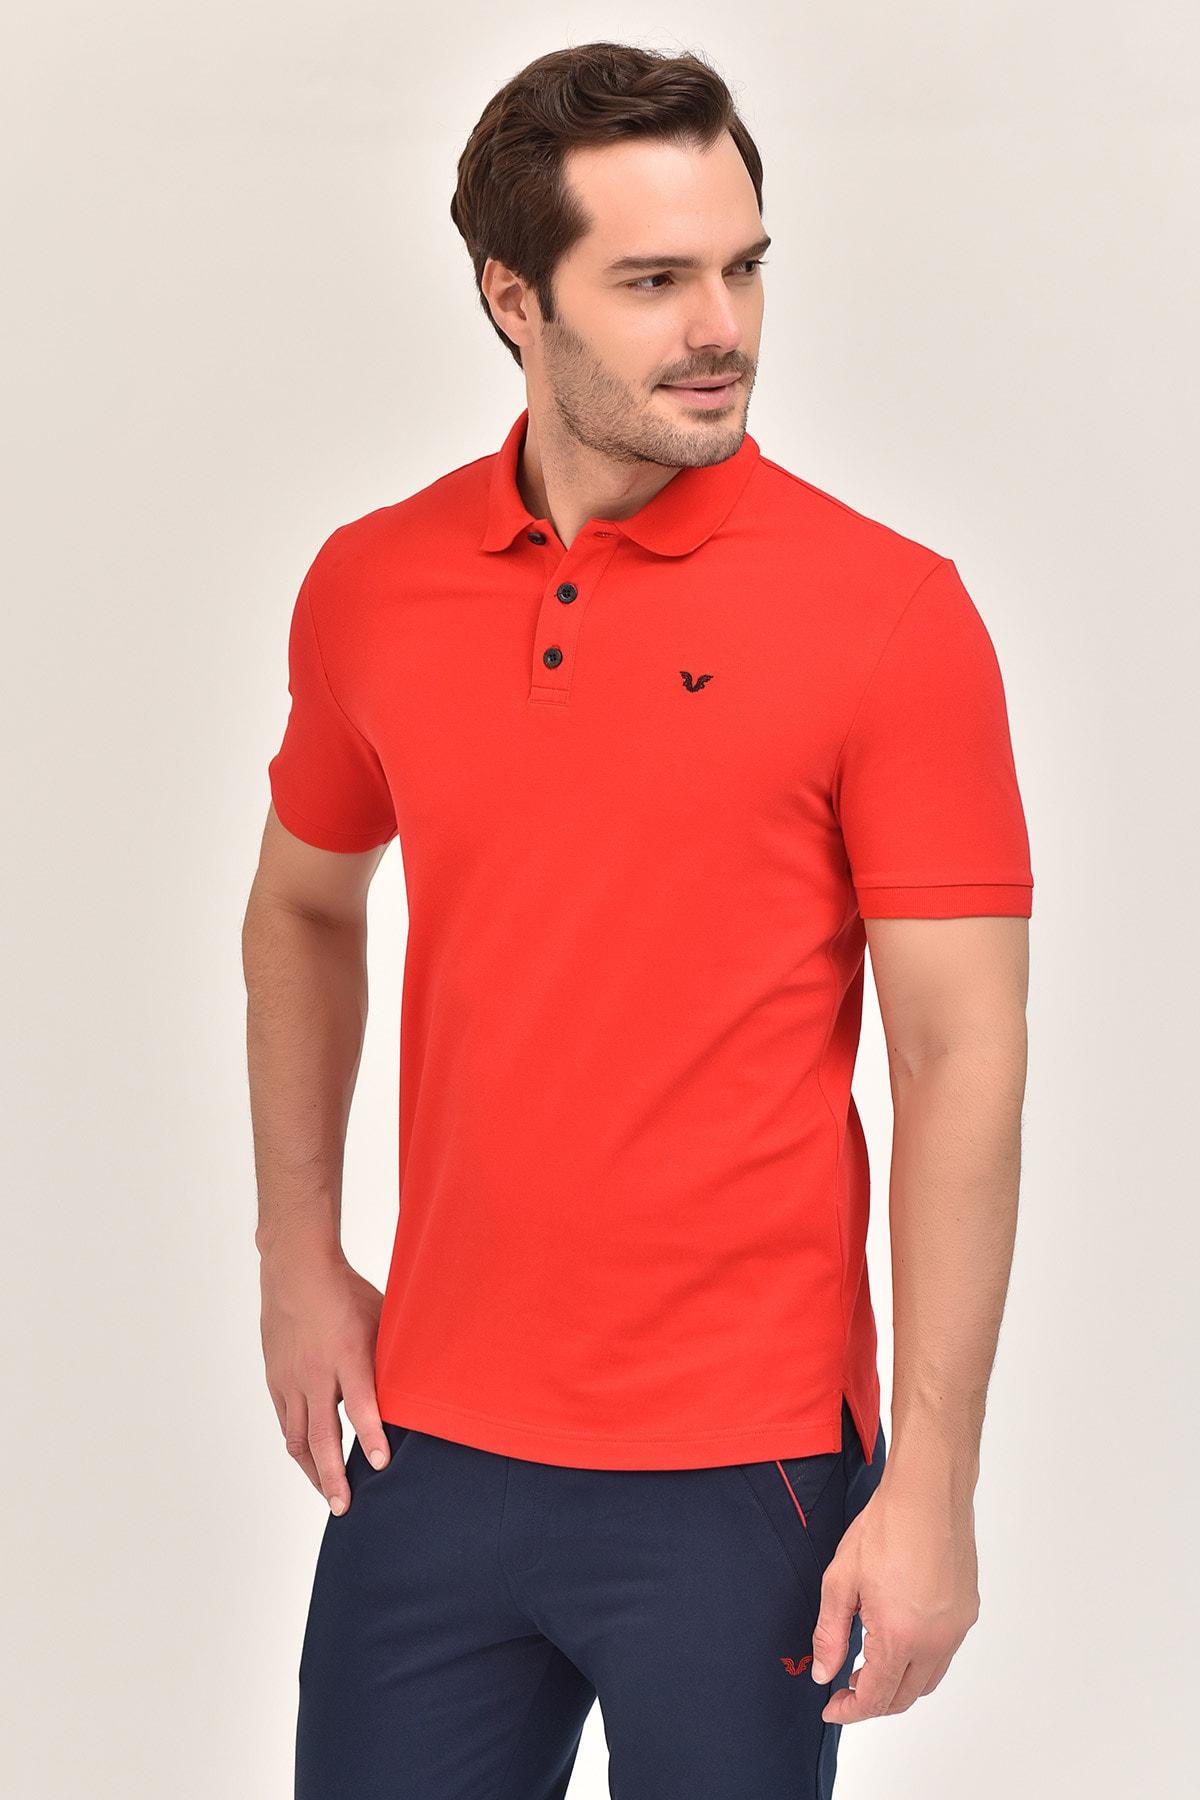 bilcee Kırmızı Büyük Beden Polo Yaka Erkek  T-Shirt GS-8983 2